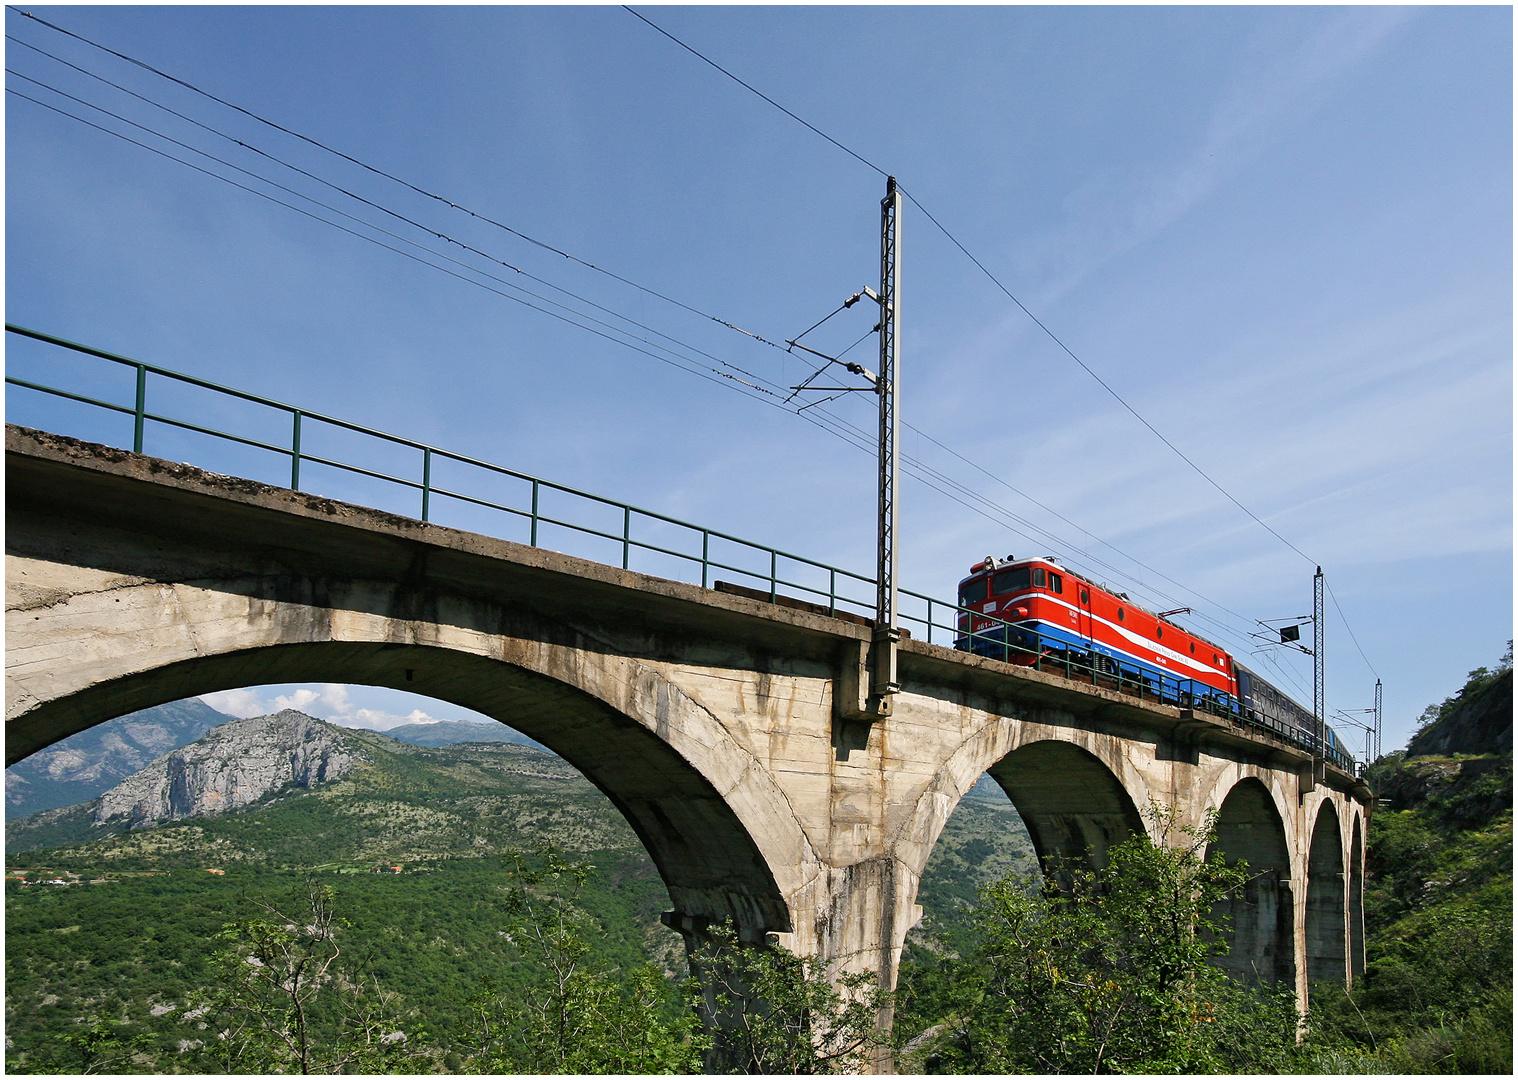 Mit dem Schnellzug durch die Berge LXVII